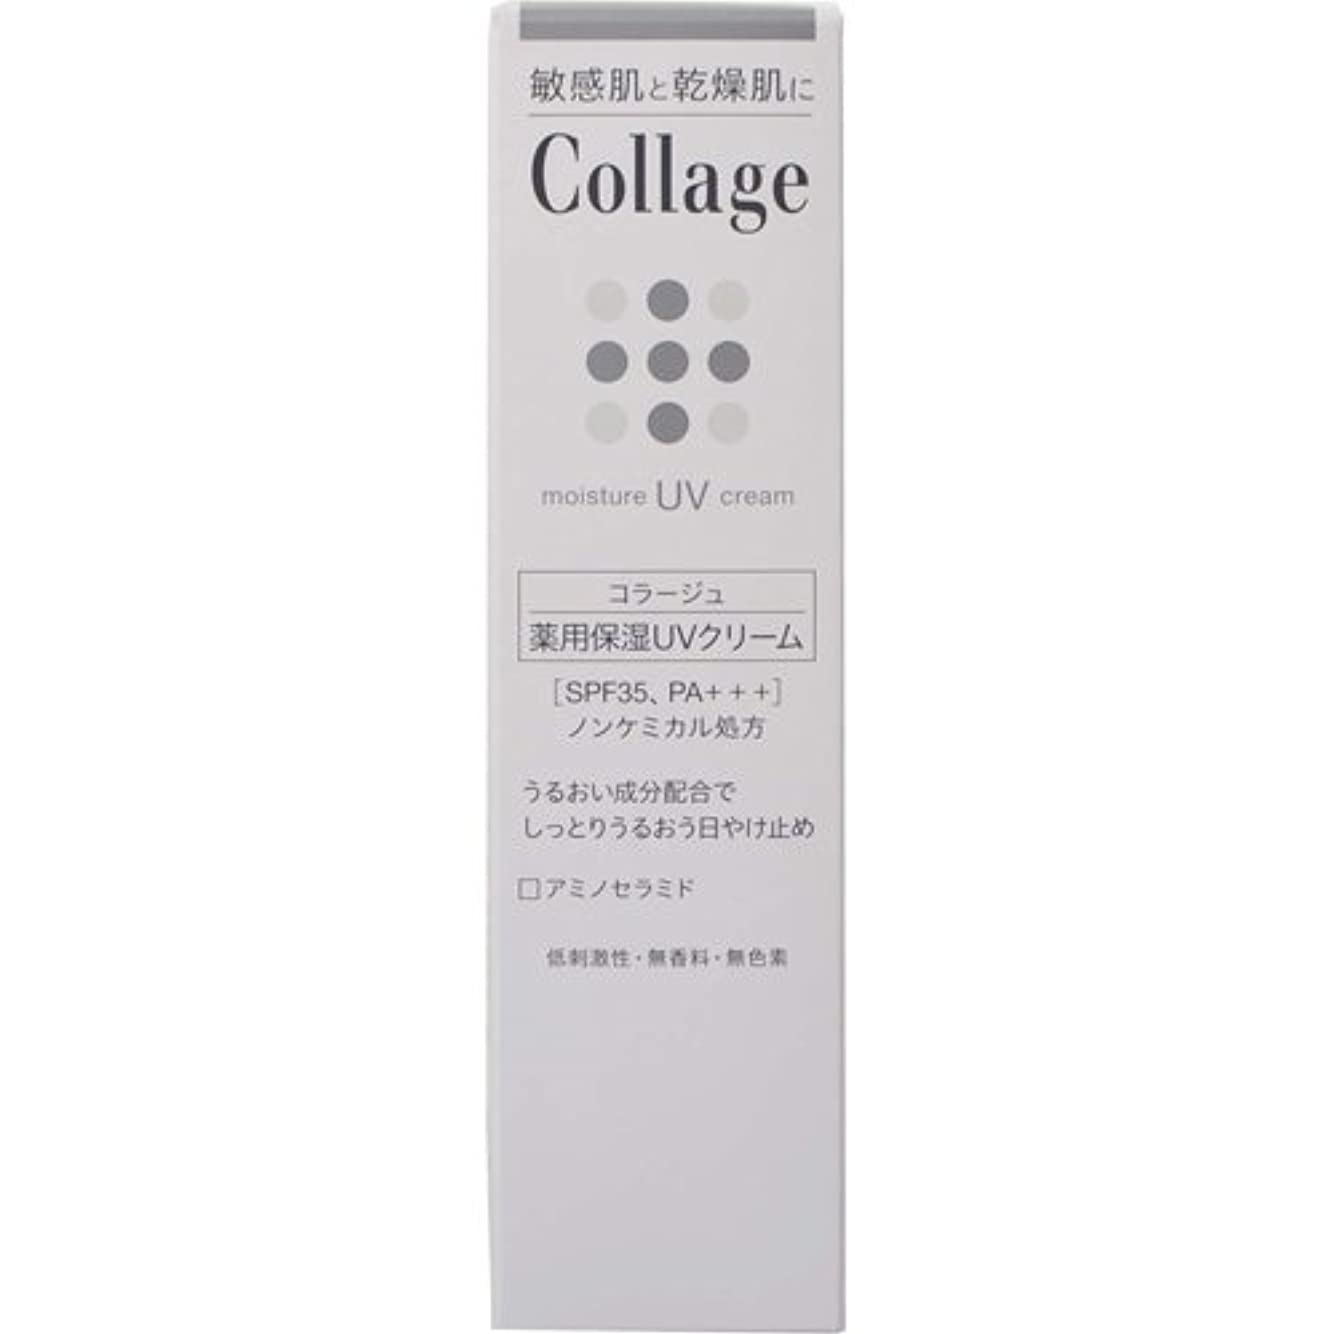 さておき速報気を散らすコラージュ 薬用保湿UVクリーム 30g 【医薬部外品】